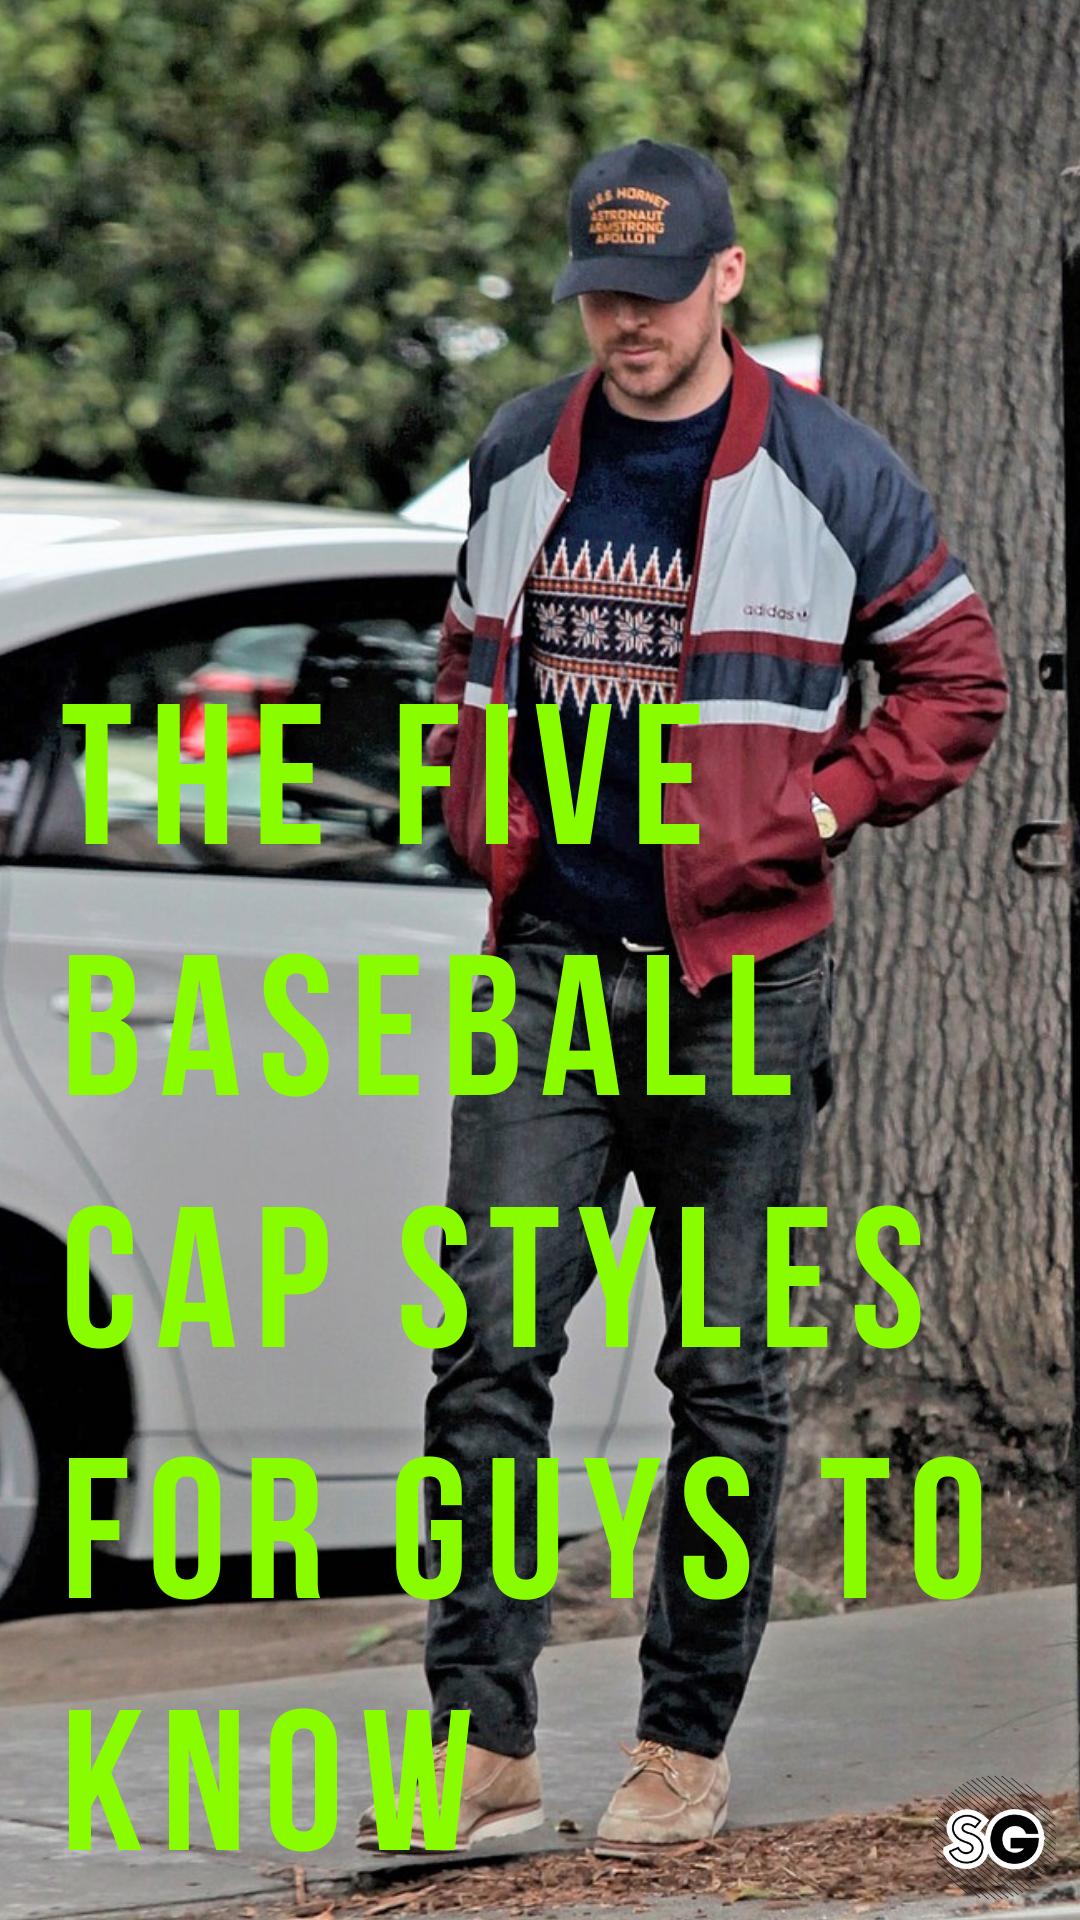 the best baseball caps for guys